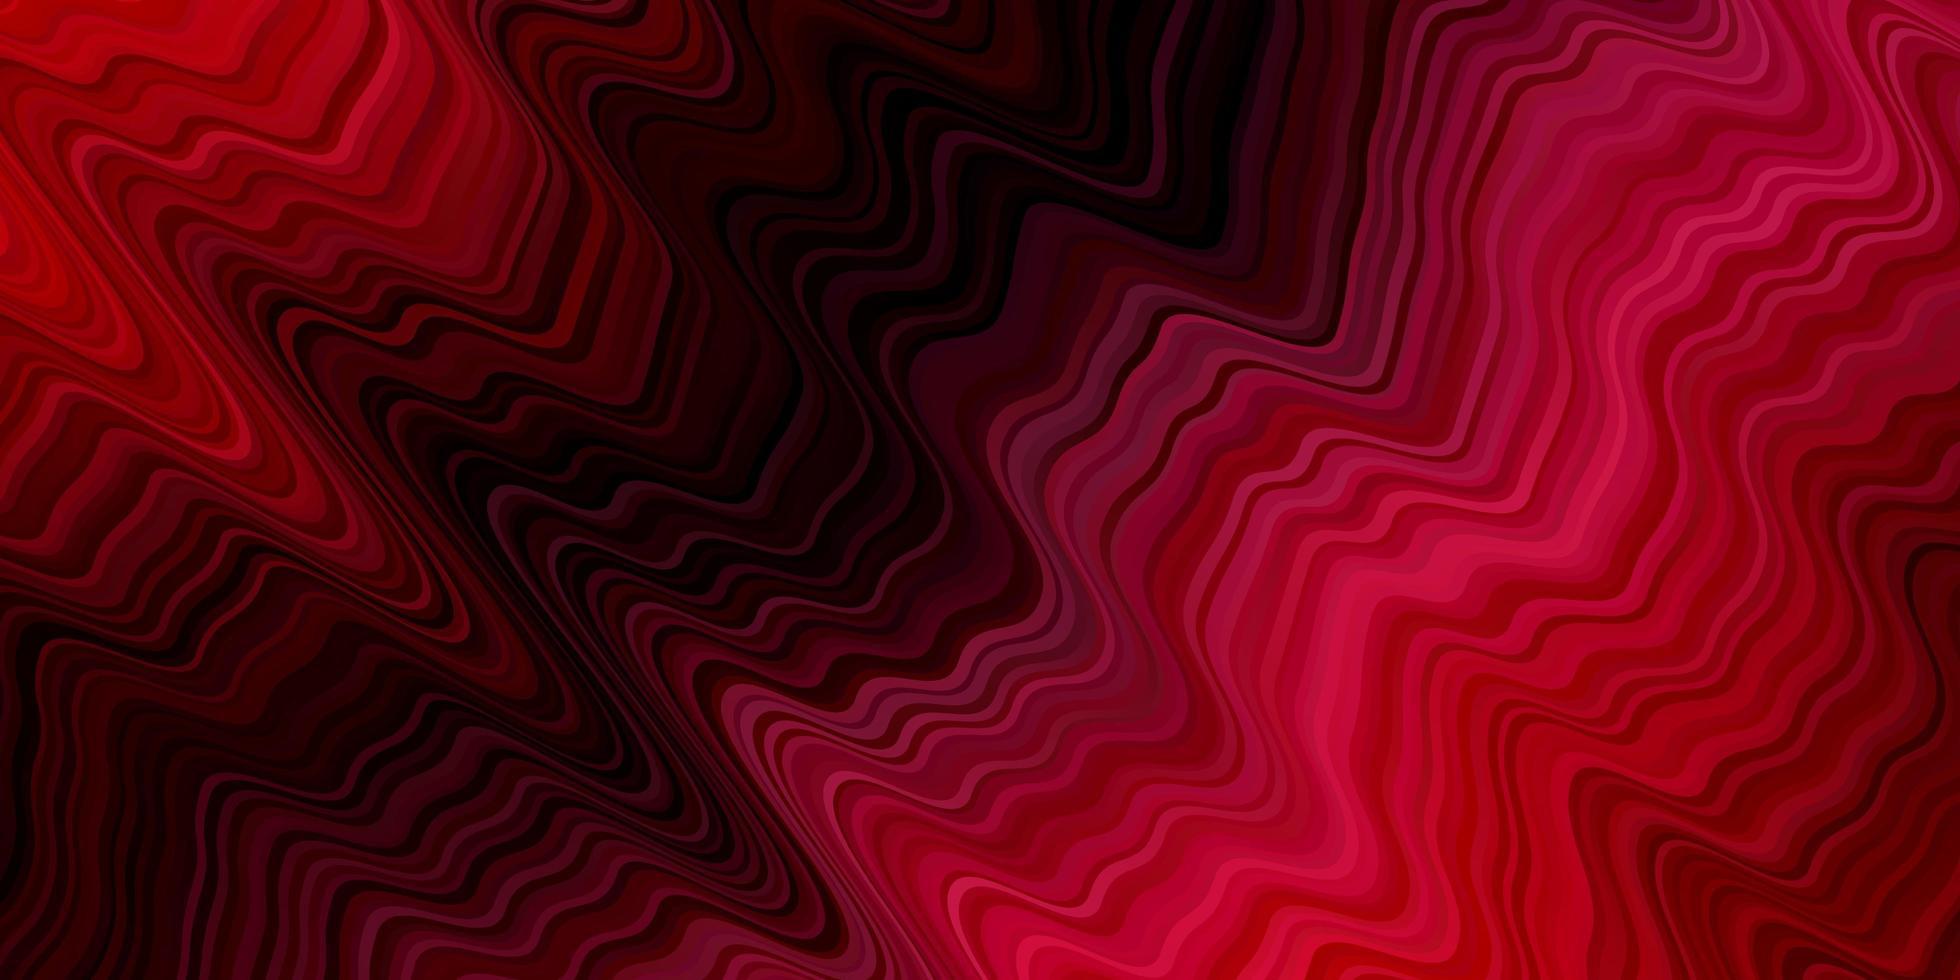 fond de vecteur rouge foncé avec des lignes courbes